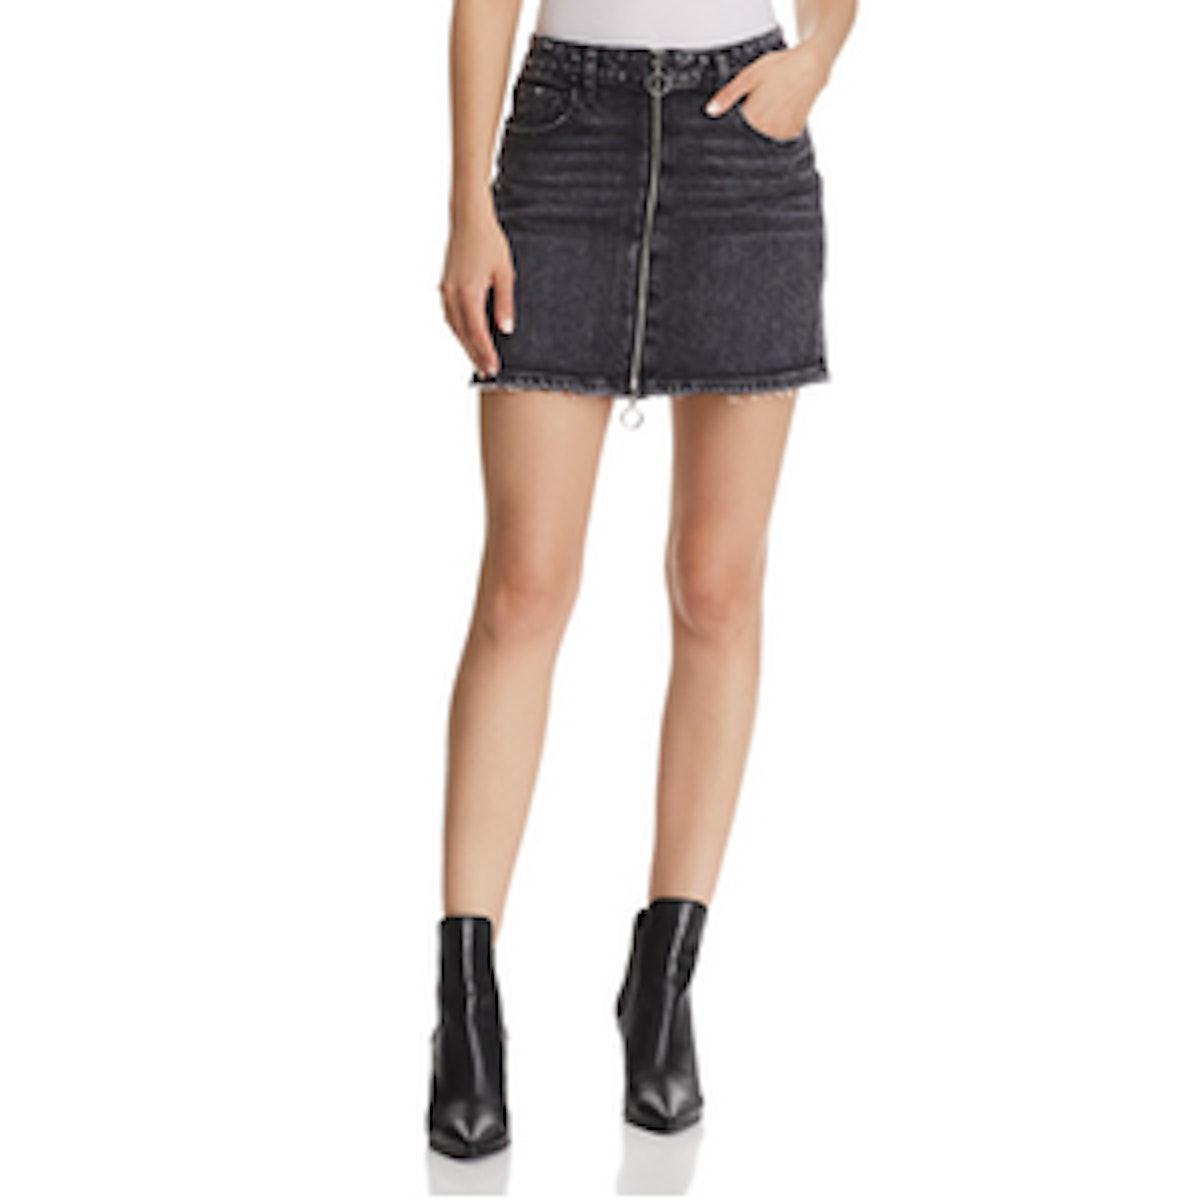 Paige Aideen Denim Mini Skirt in Myra